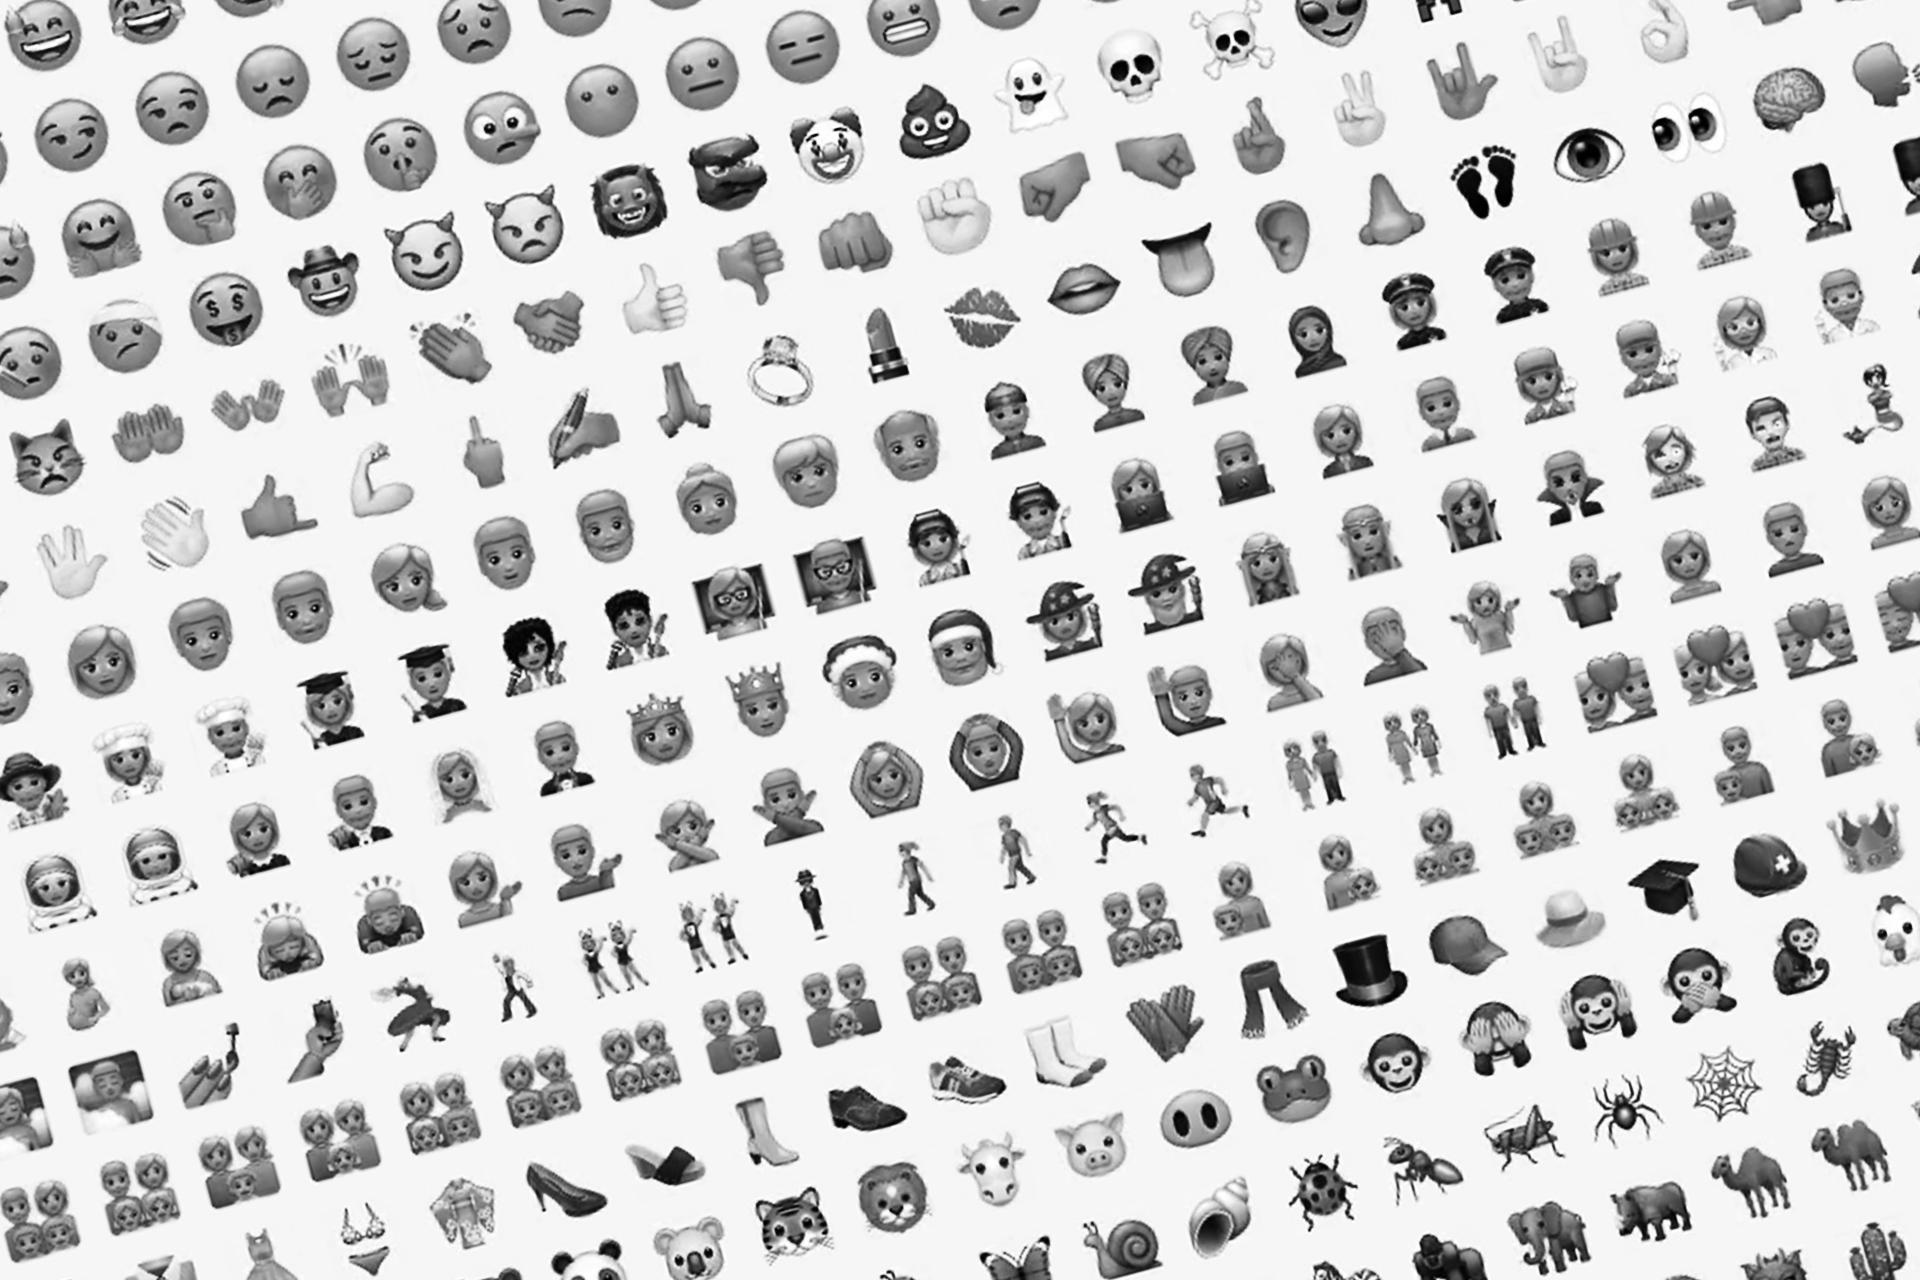 Emojis eigentliche bedeutung Das bedeuten